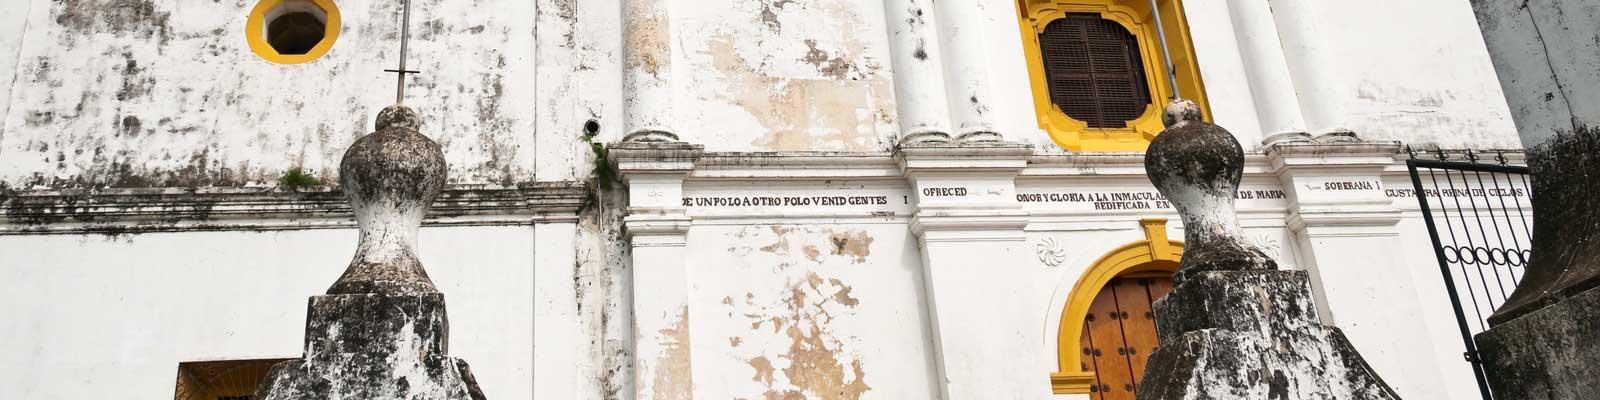 Nicaragua Igrejas Cultura Hotel, Resort, Passar as ferias.